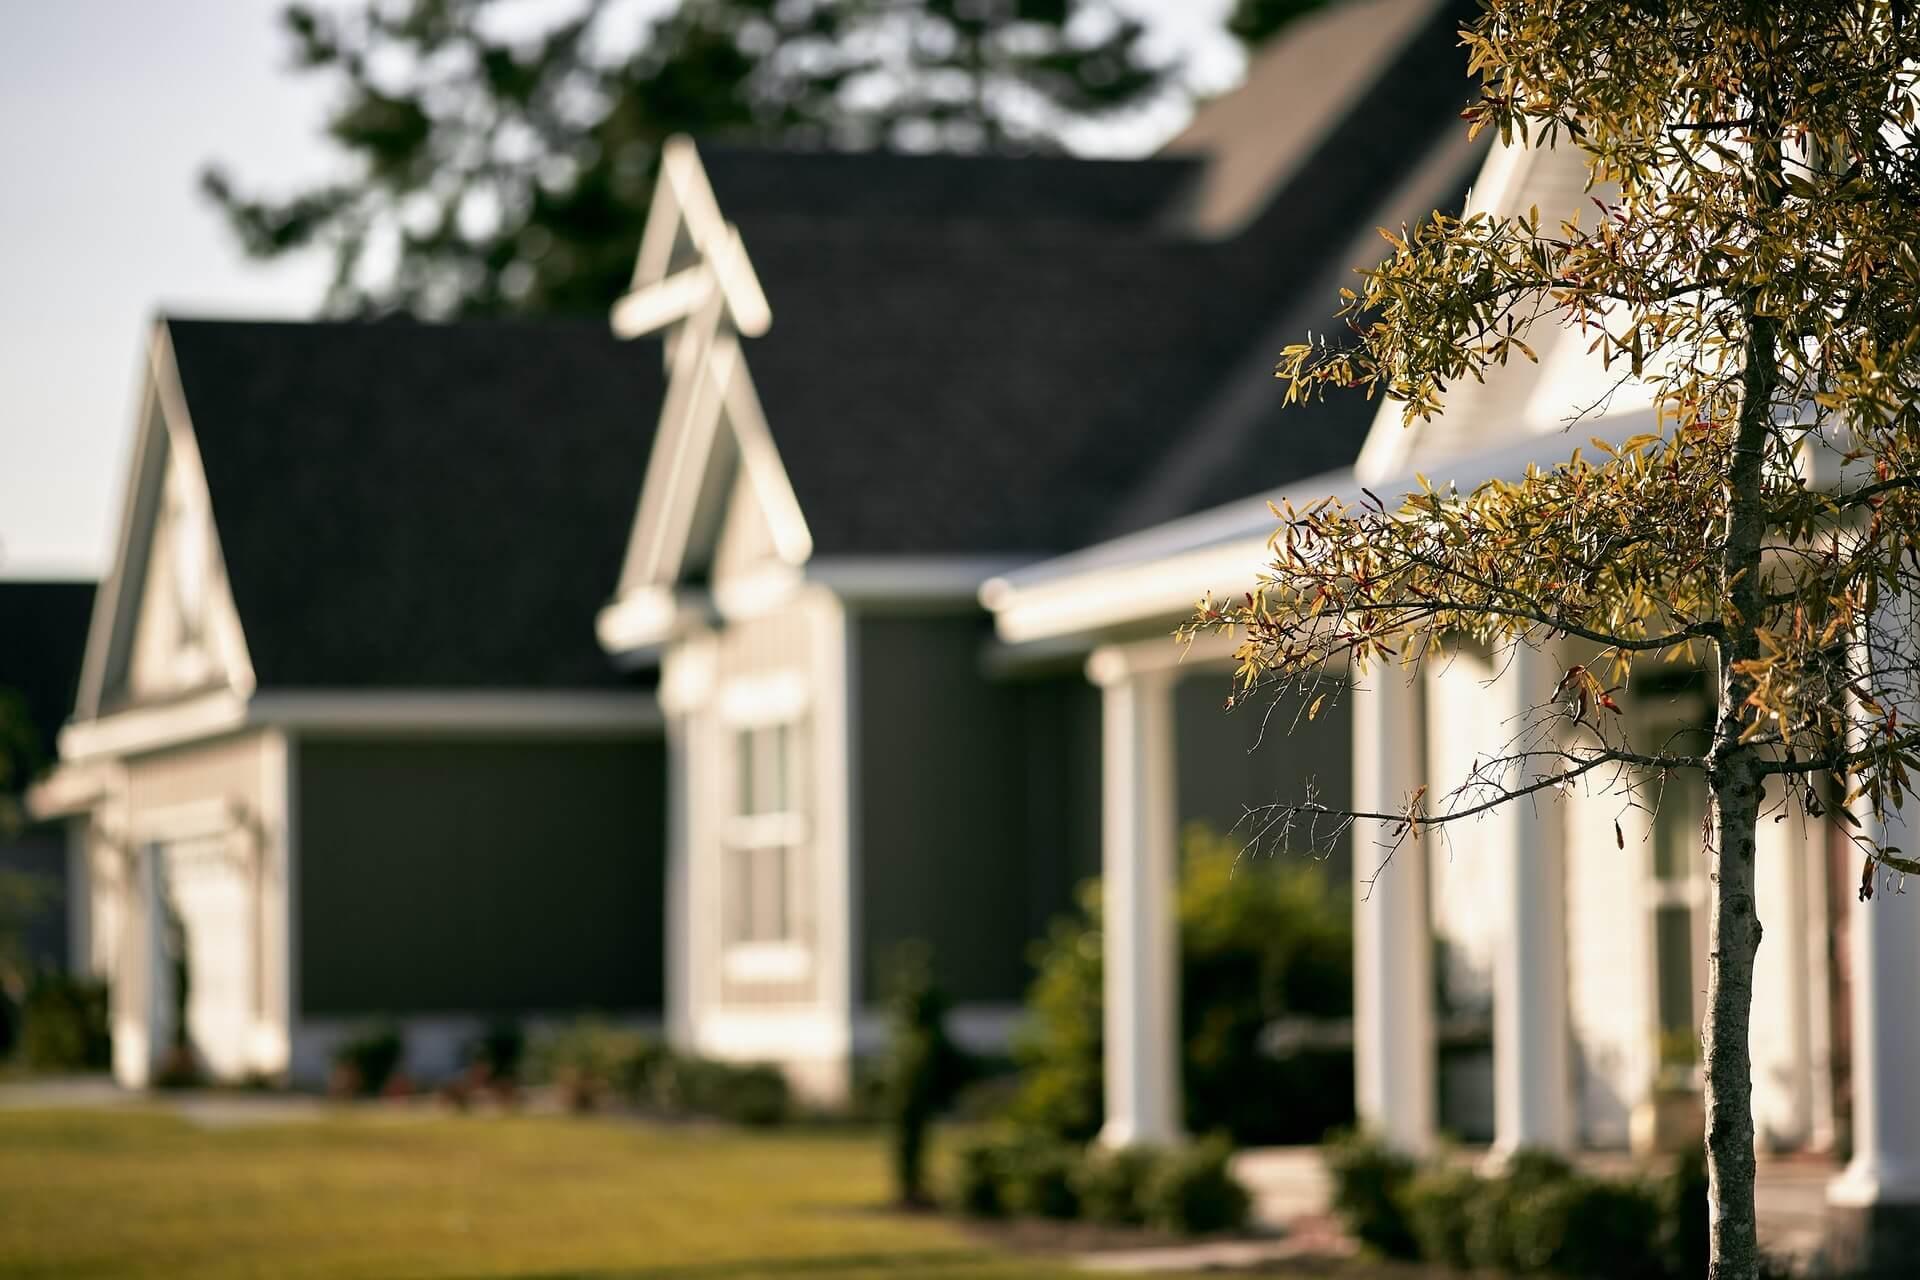 unfocused neighborhood homes